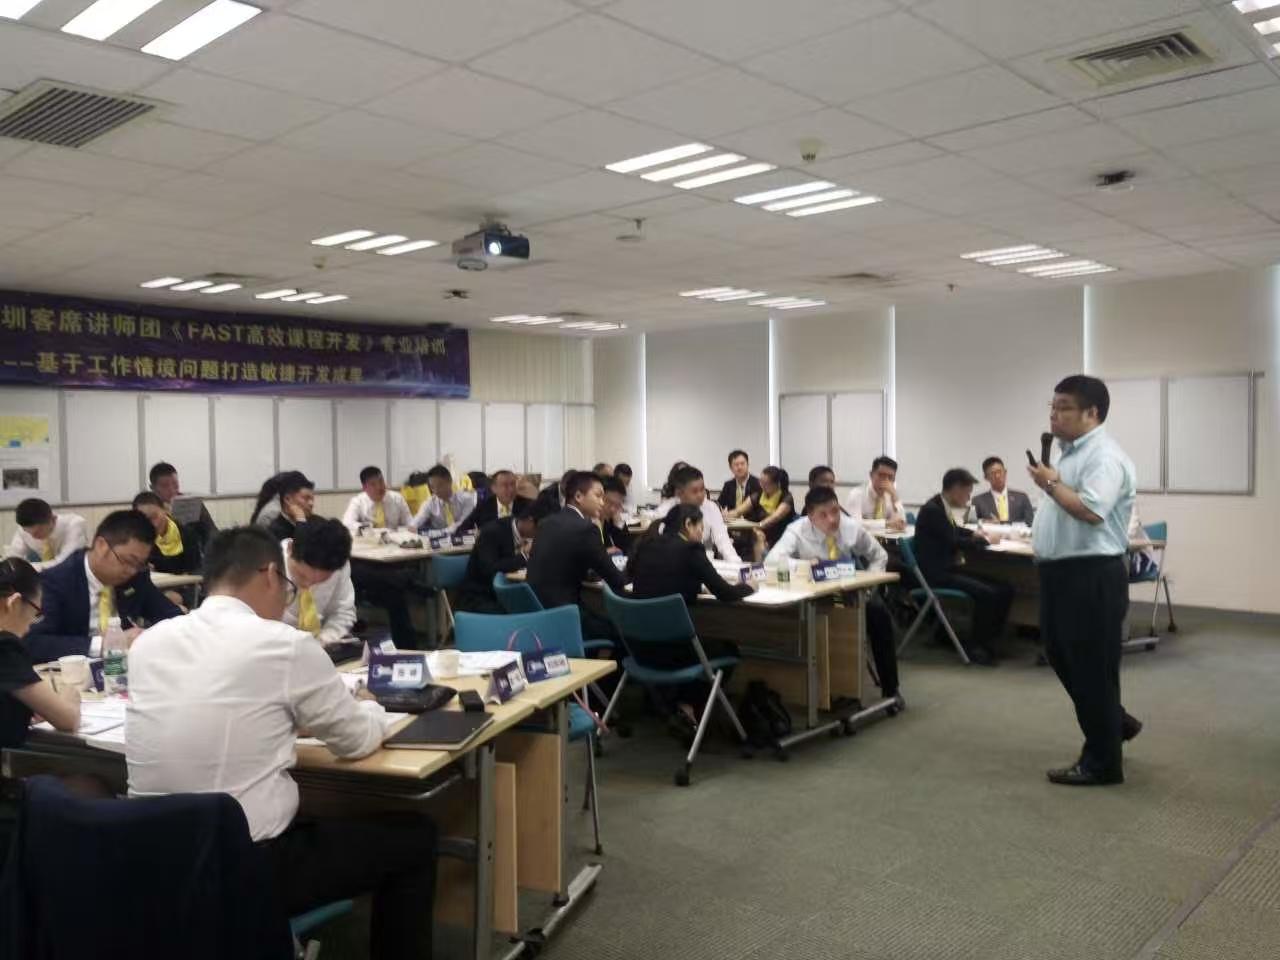 美联深圳客席《FAST高效课程开发》 培训师邱伟